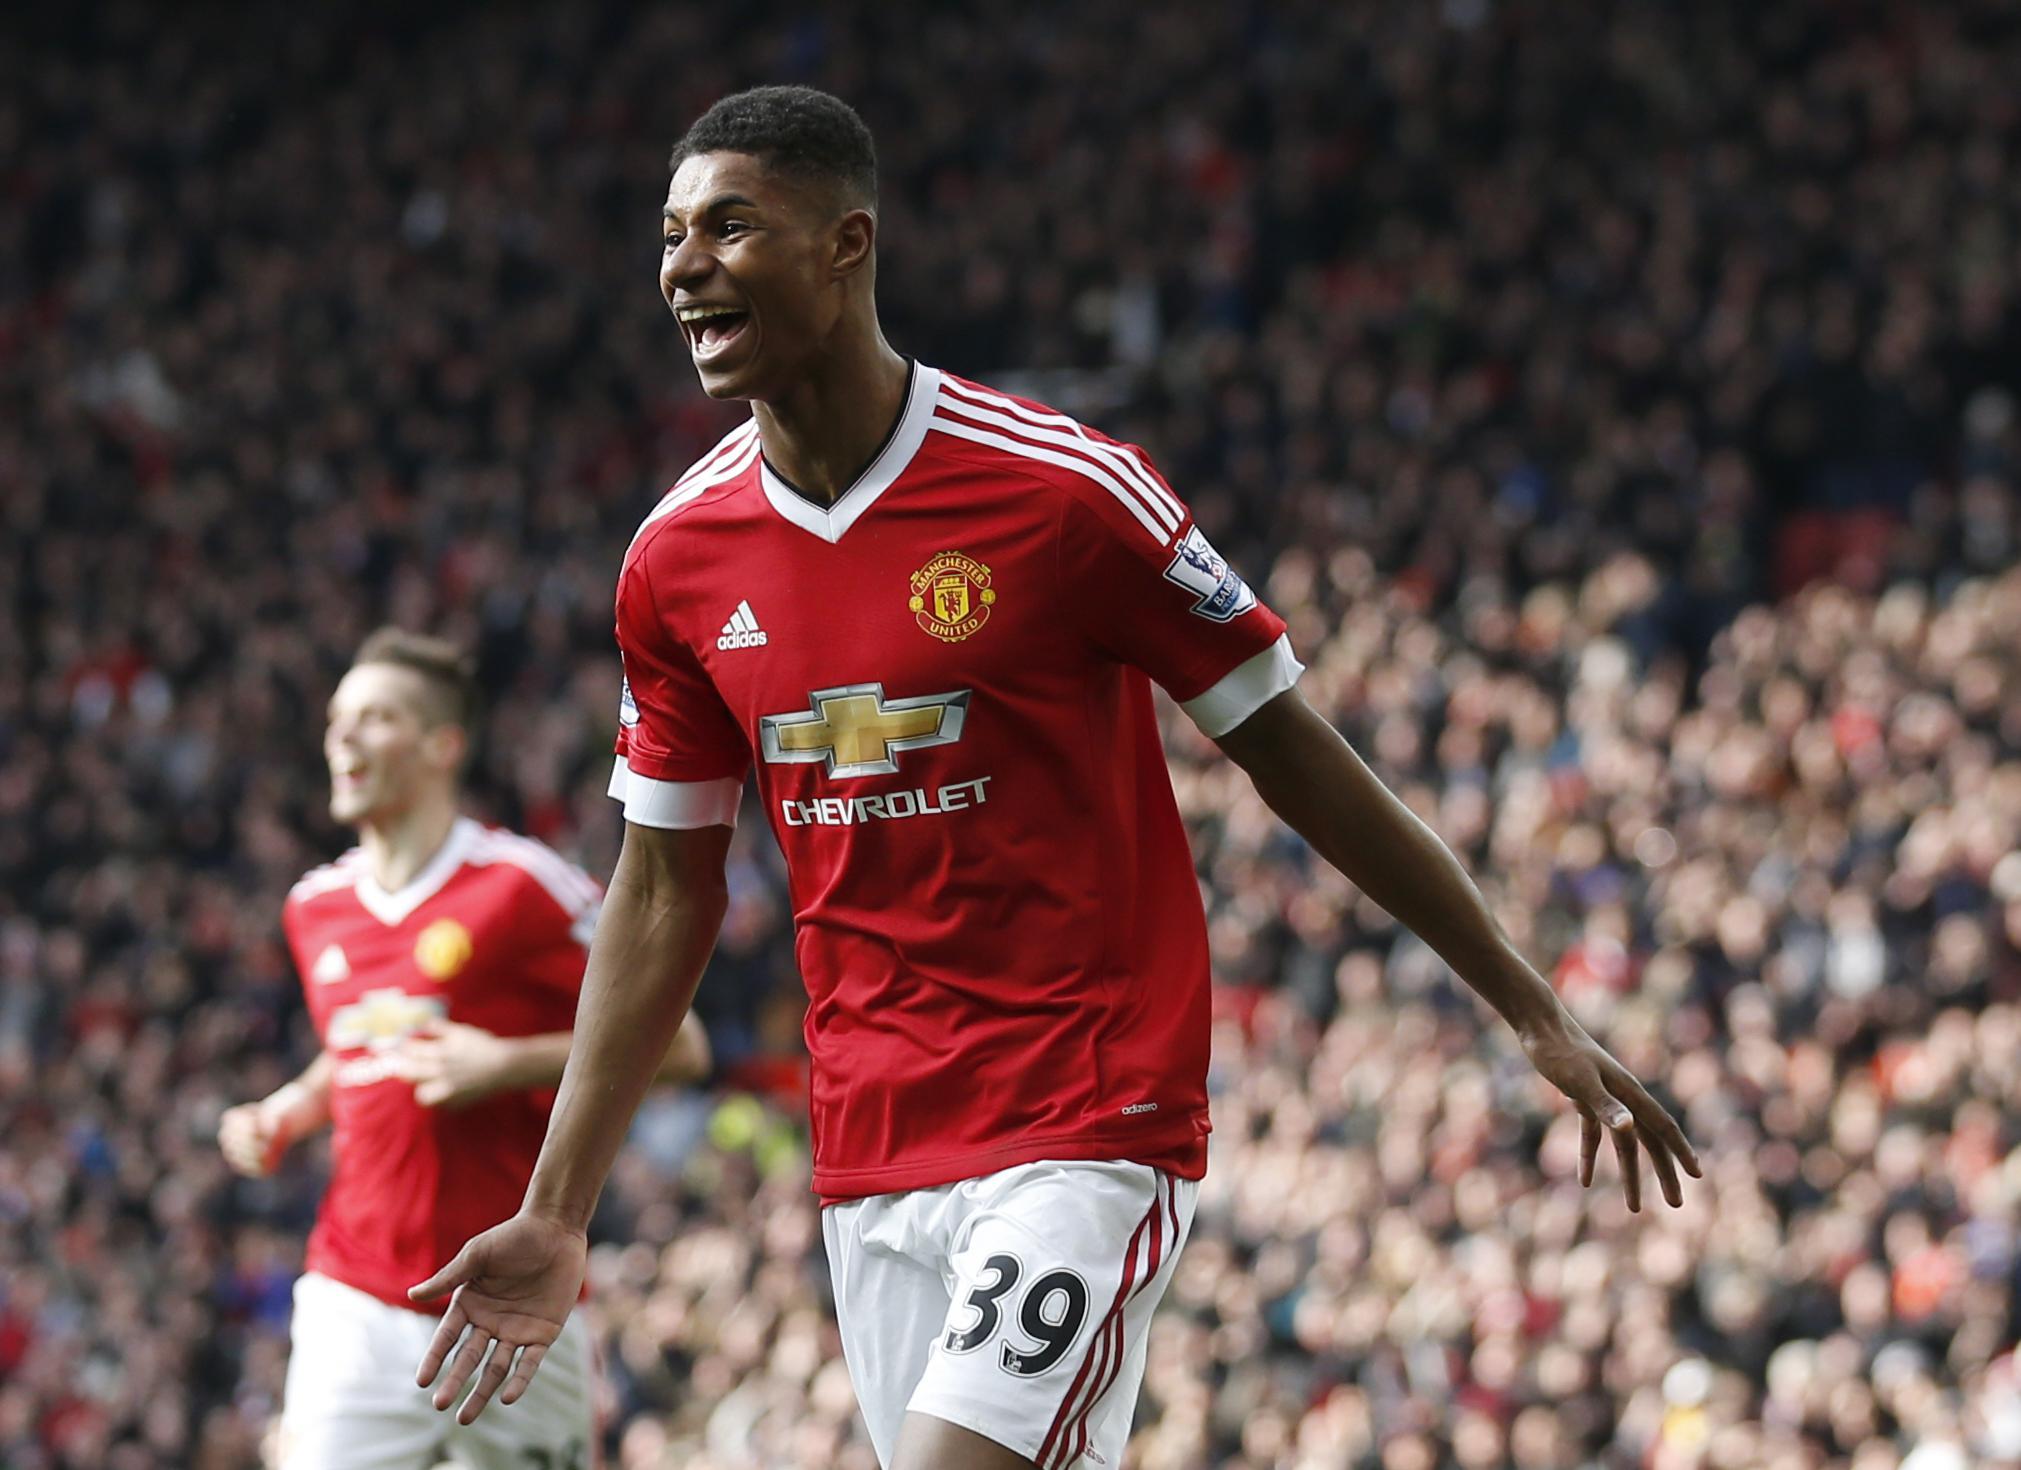 Rashford celebrates against Arsenal